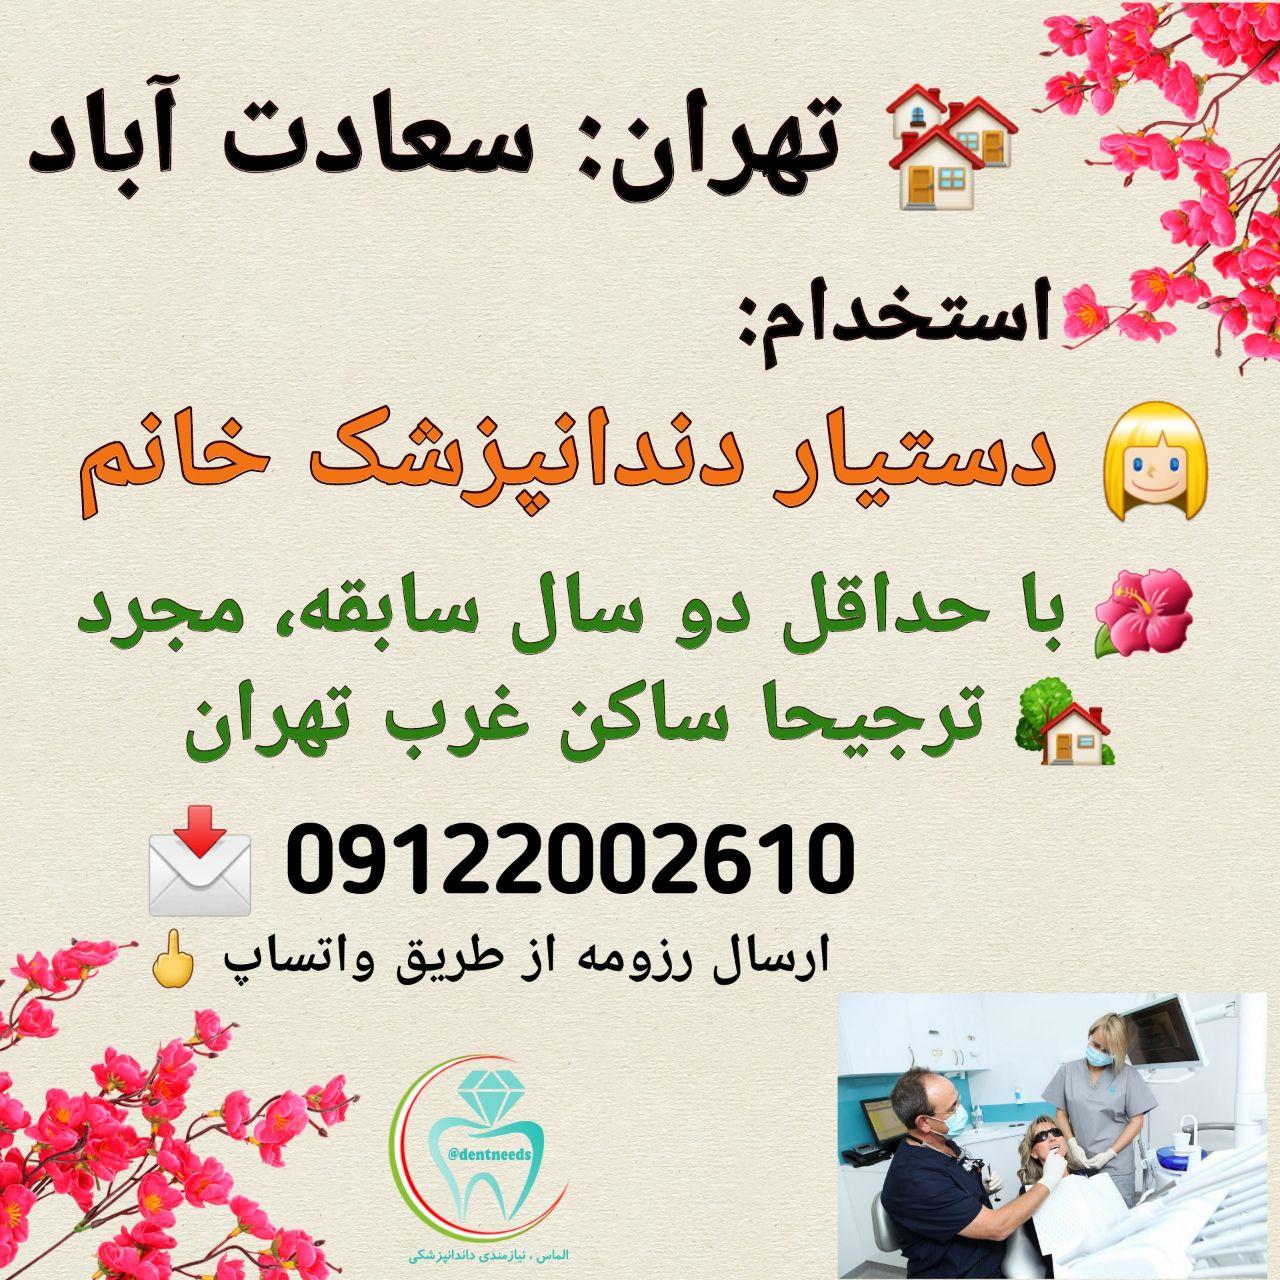 تهران: سعادت آباد، استخدام دستیار دندانپزشک خانم